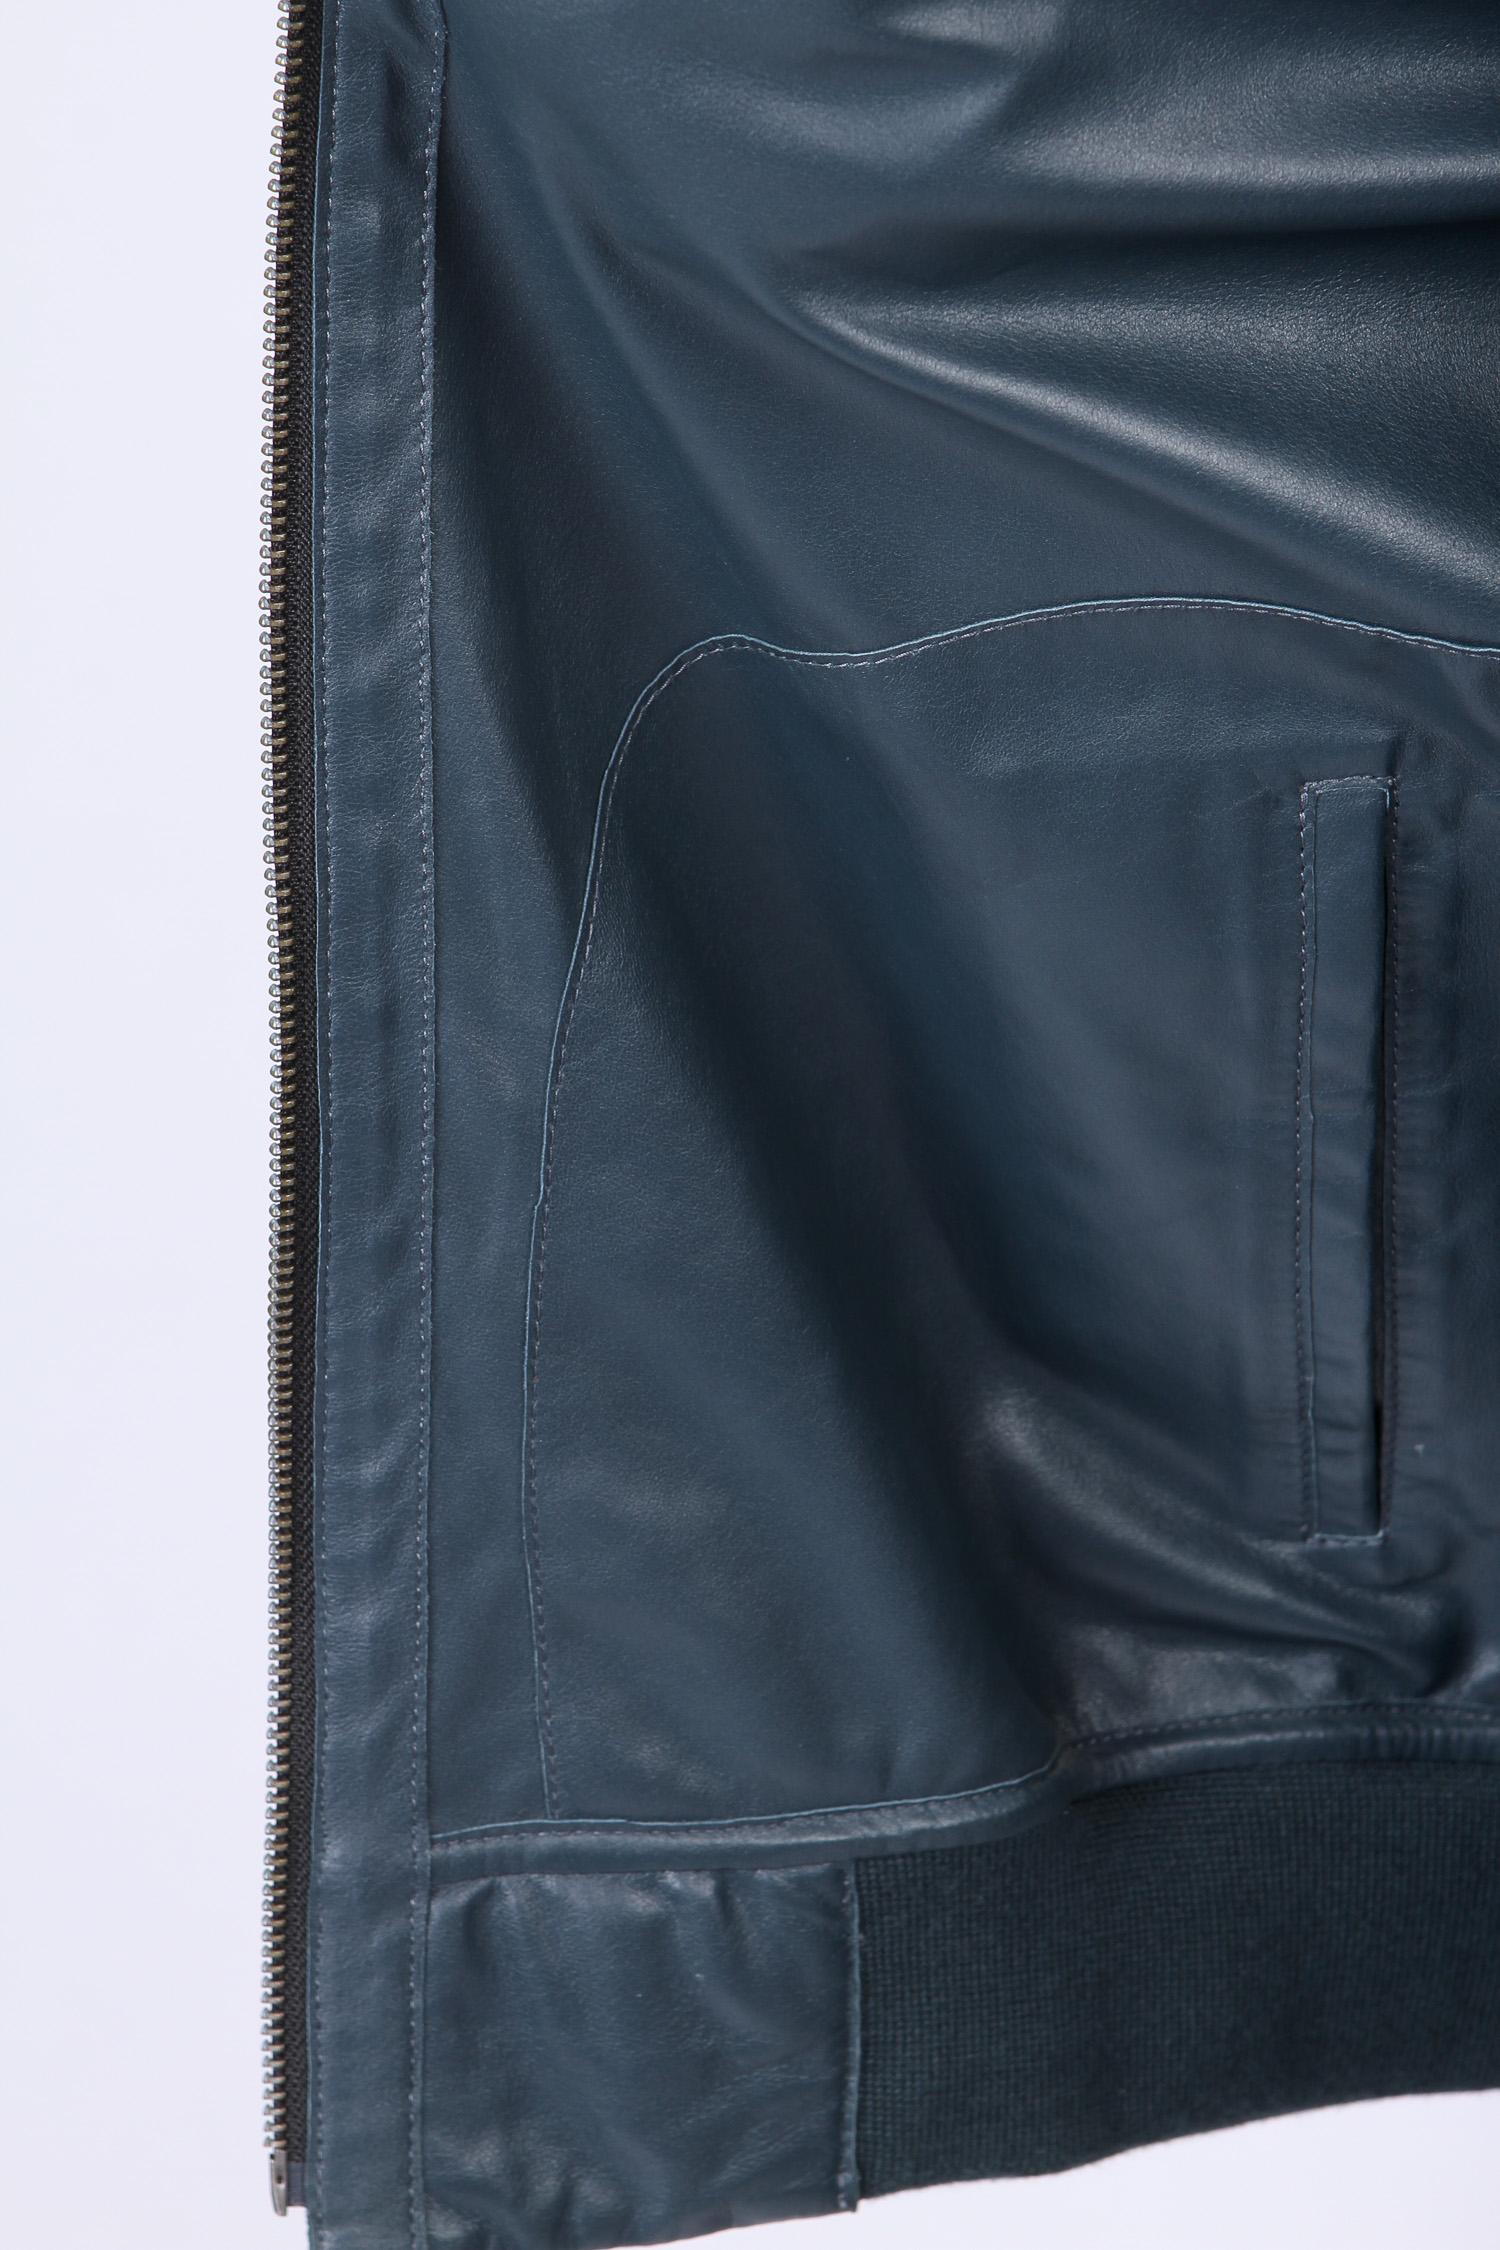 Мужская кожаная куртка из натуральной замши с воротником, без отделки